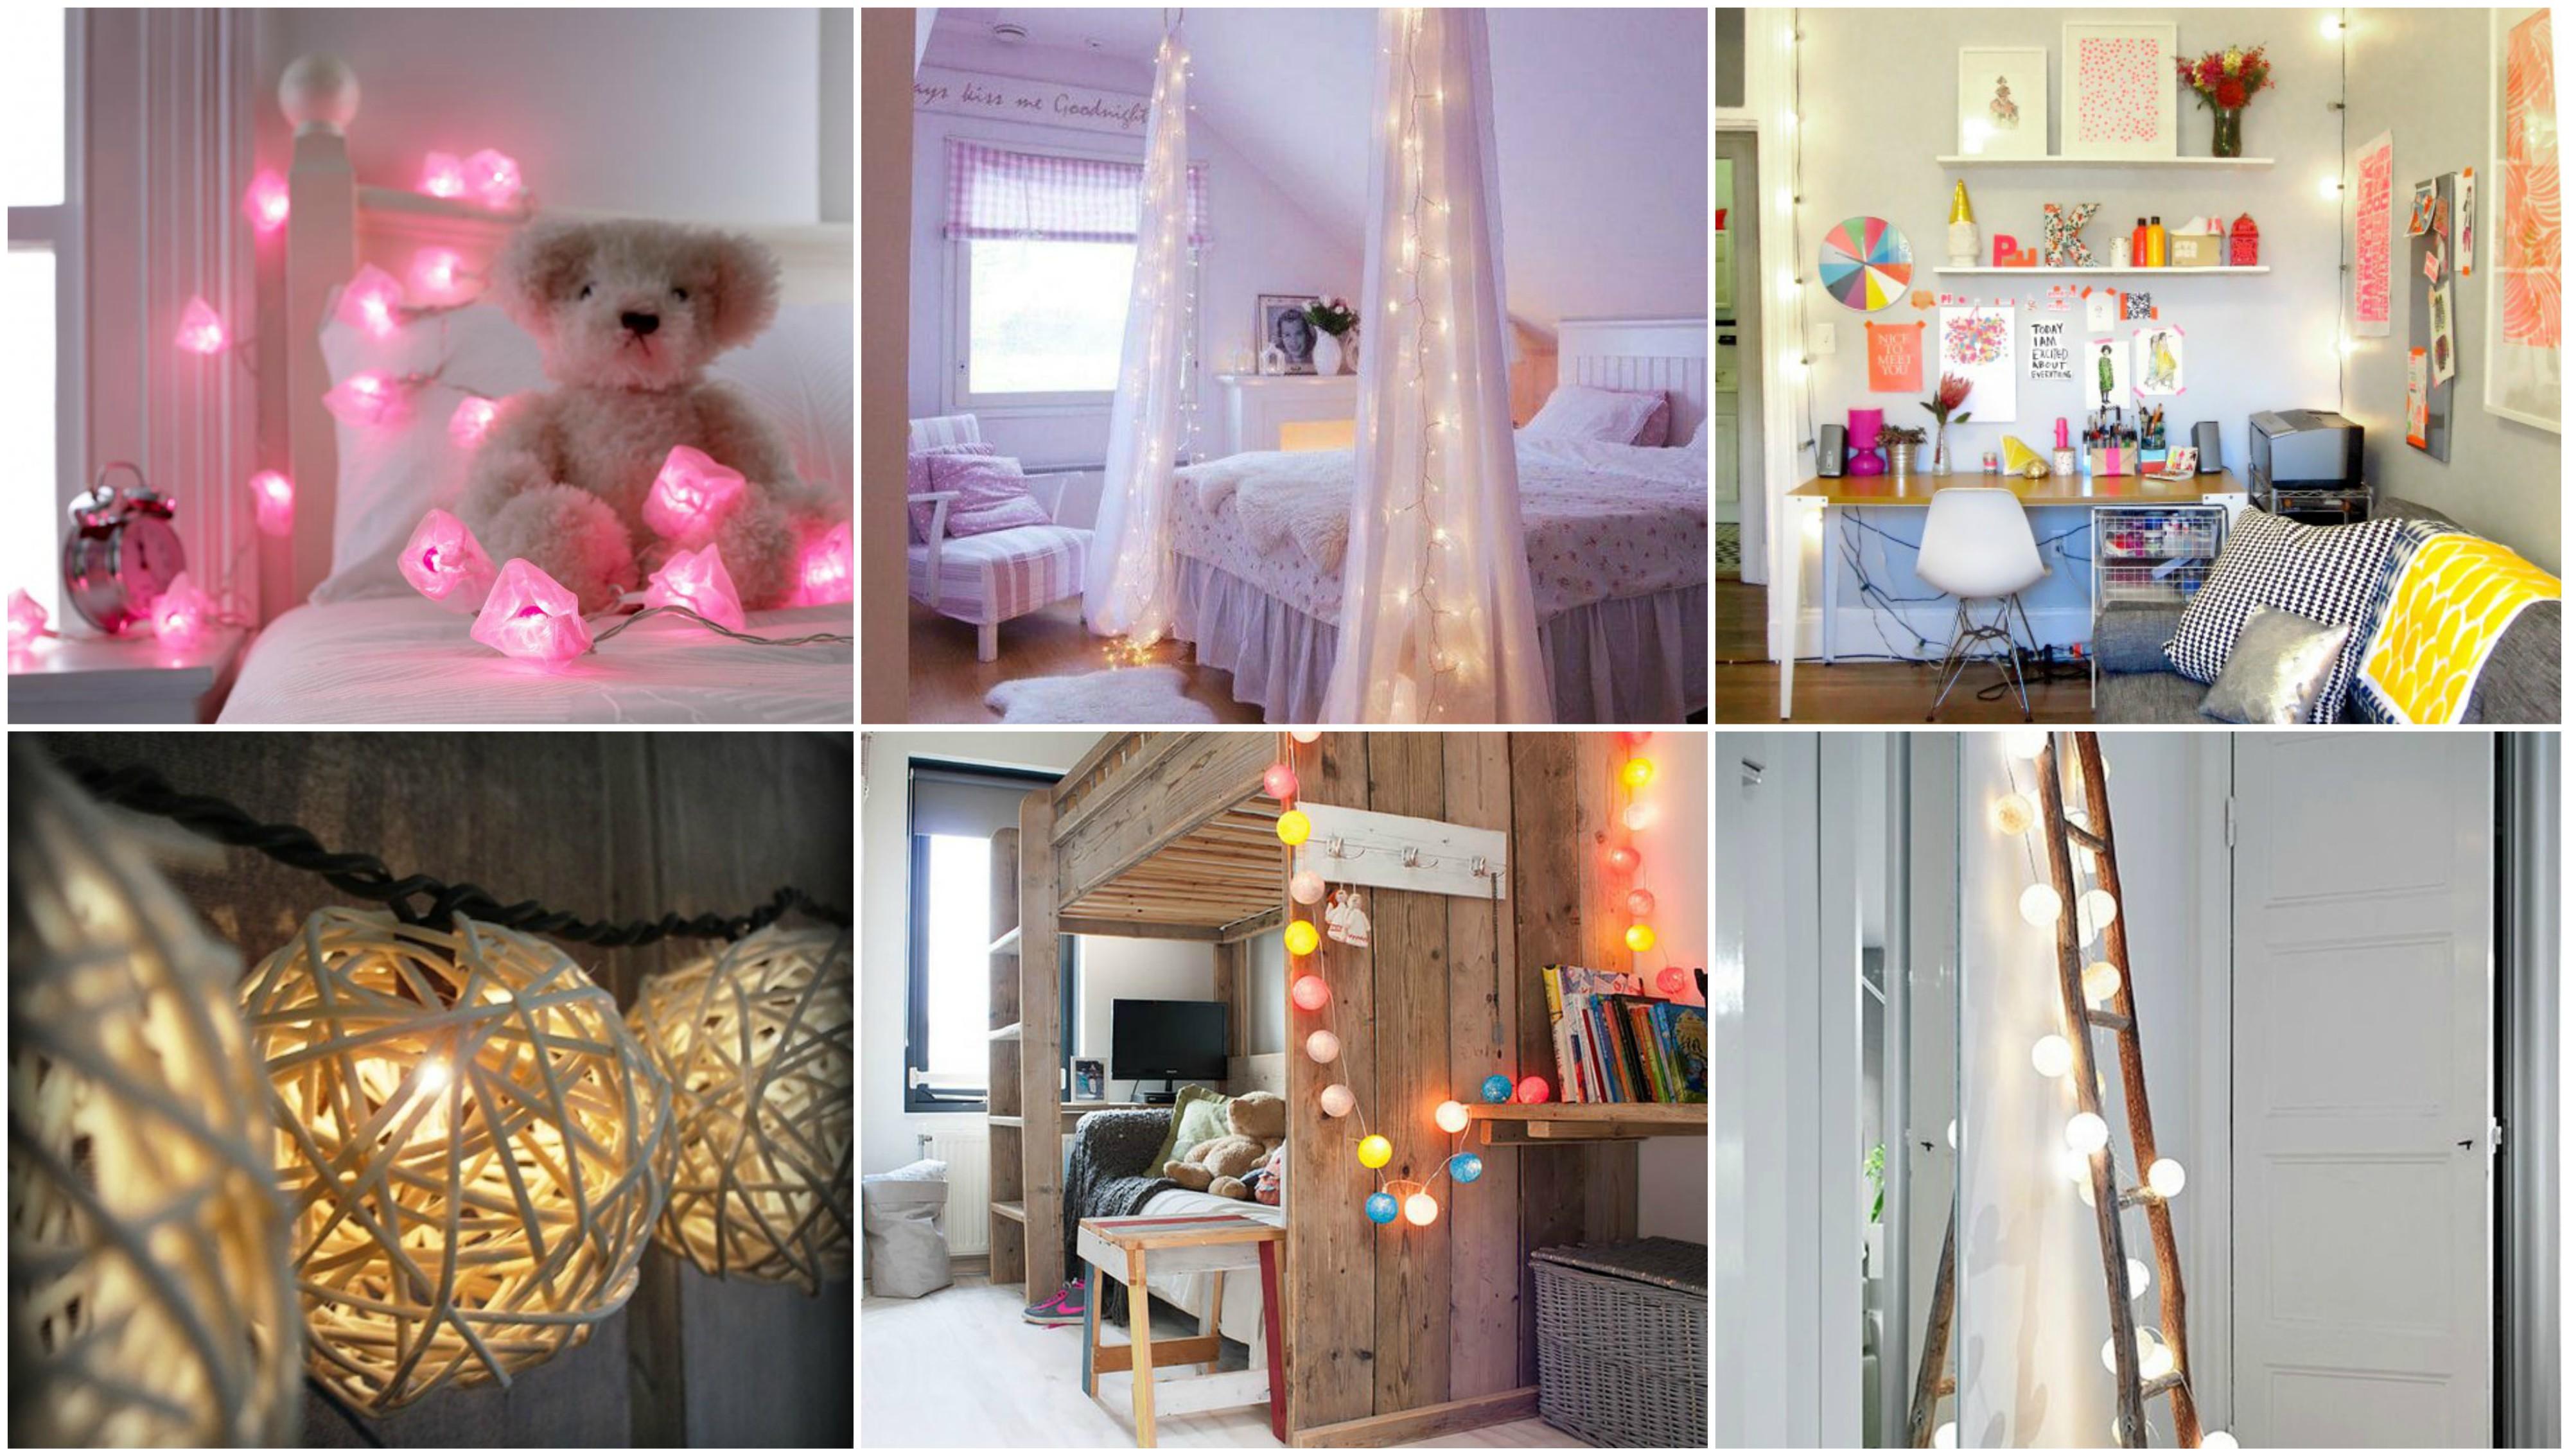 schlafzimmer oder kinderzimmer mit lichterketten. Black Bedroom Furniture Sets. Home Design Ideas